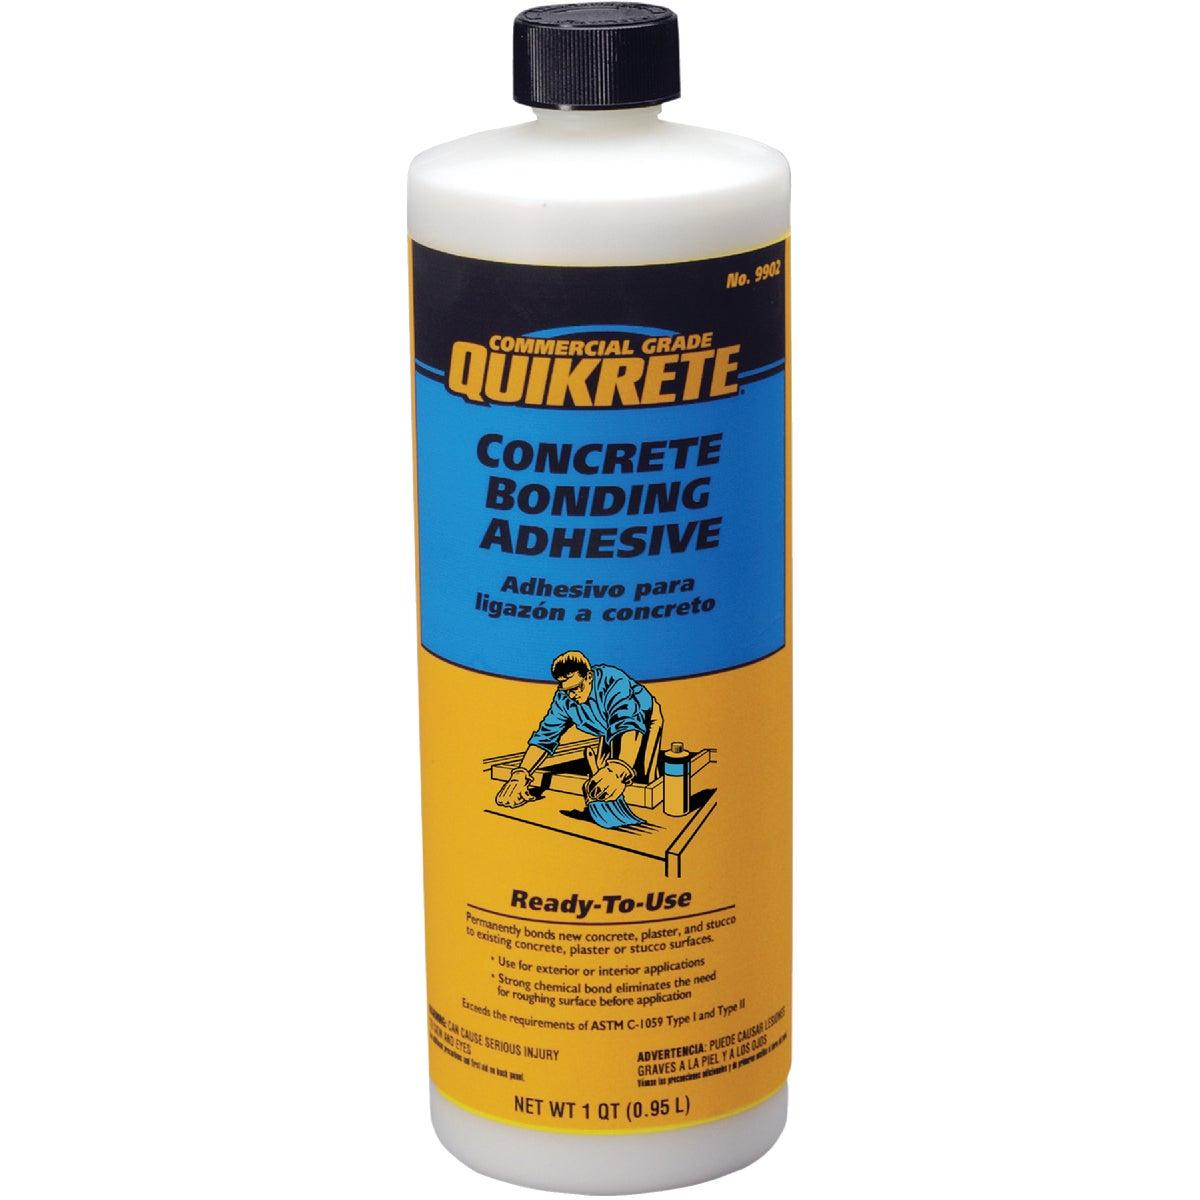 Quikrete QT CNCRT BONDNG ADHESIVE 990201